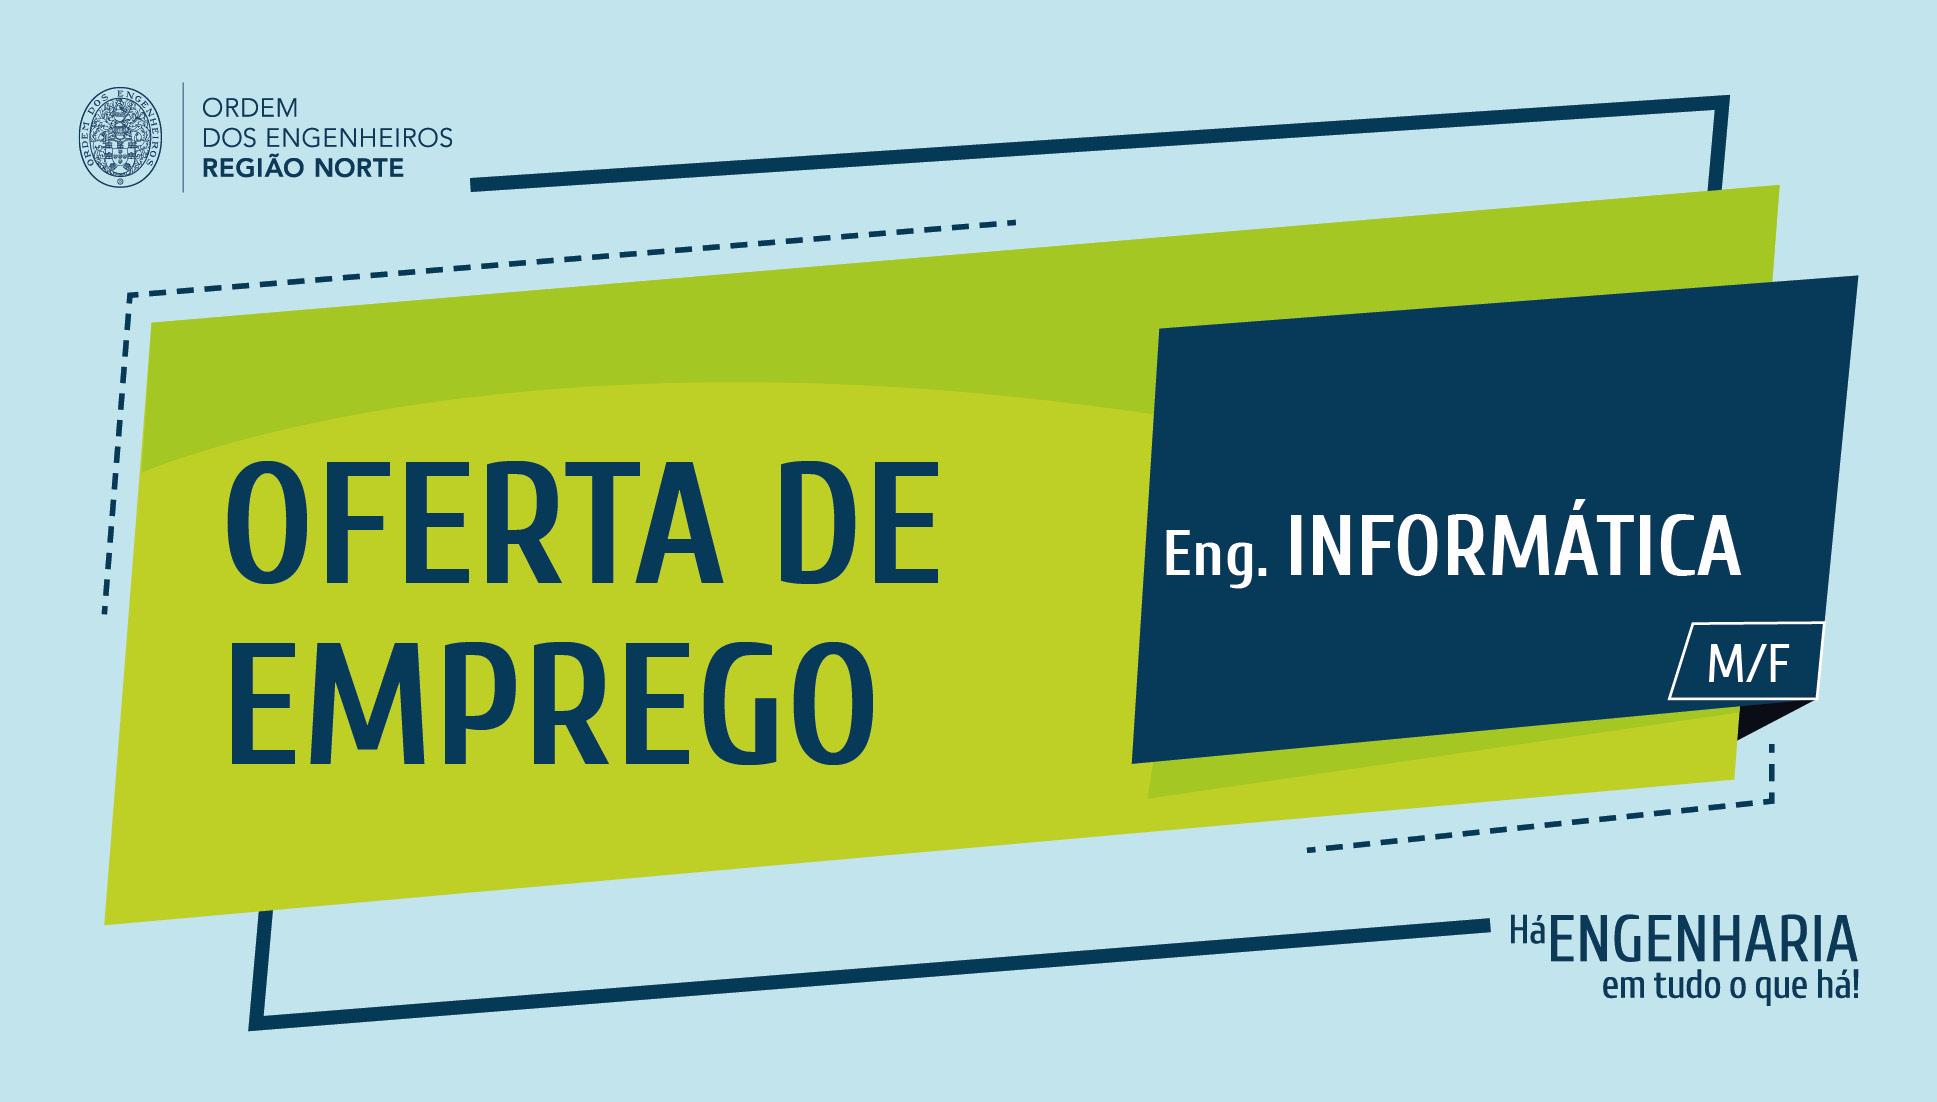 Plataforma Notícias Ordem Engenheiros Região Norte - [Emprego] Pwc recruta engenheiro/a